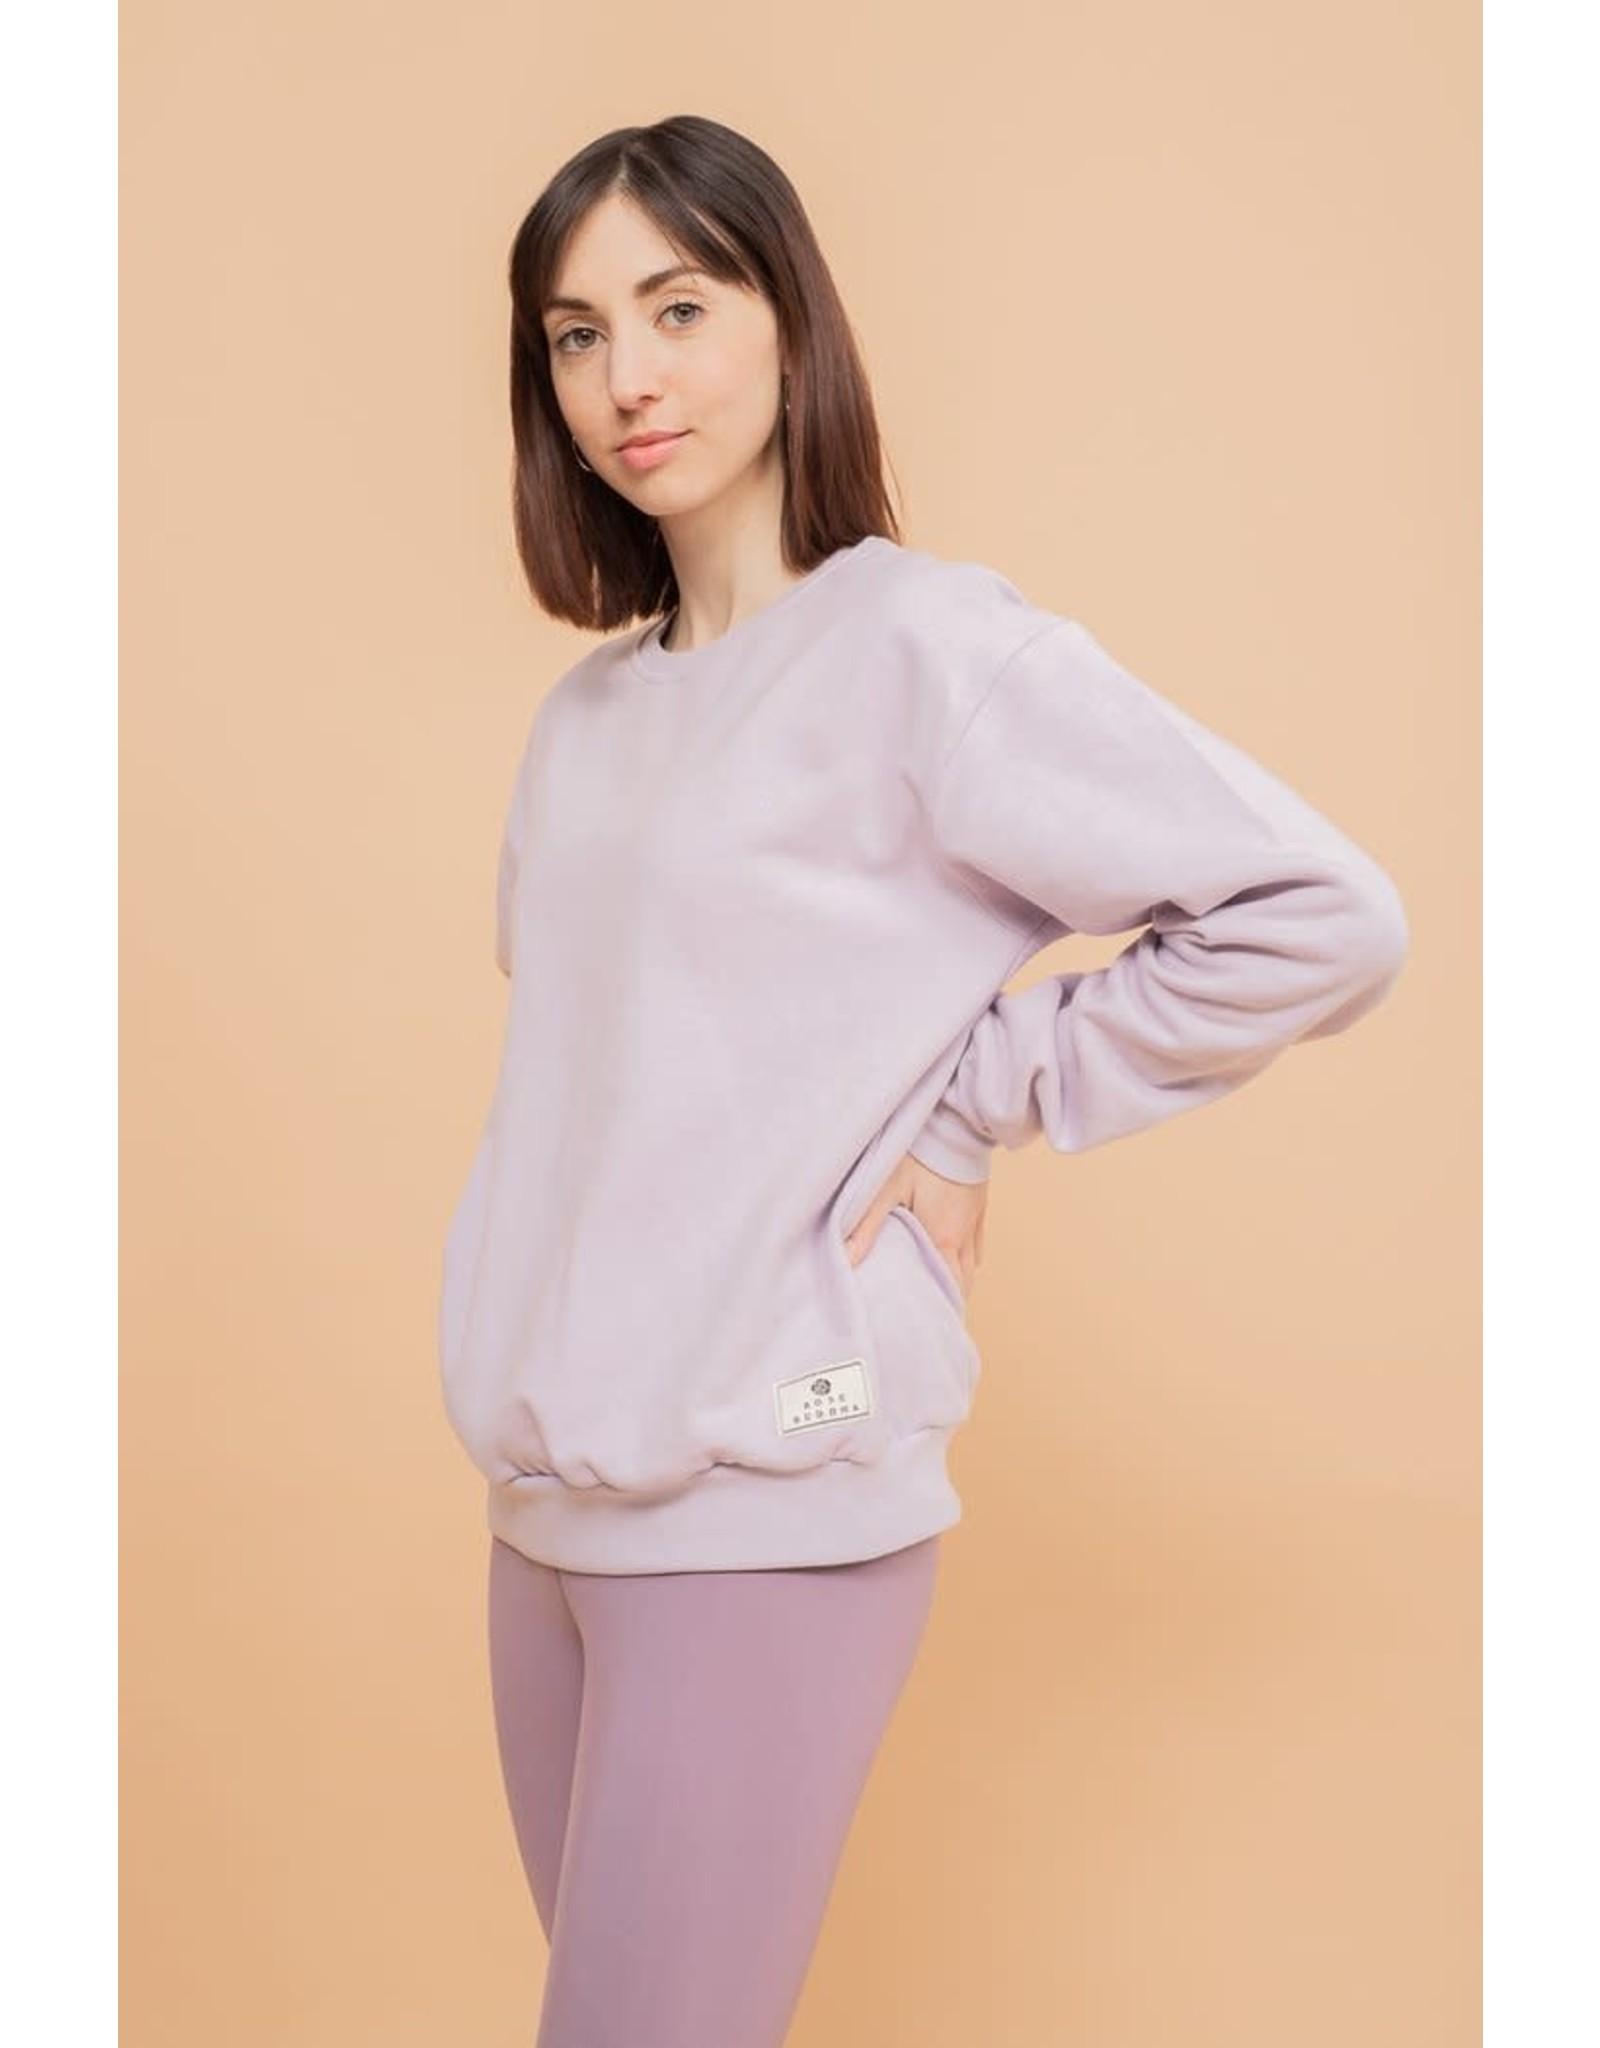 Rose Buddha Nomad Sweatshirt